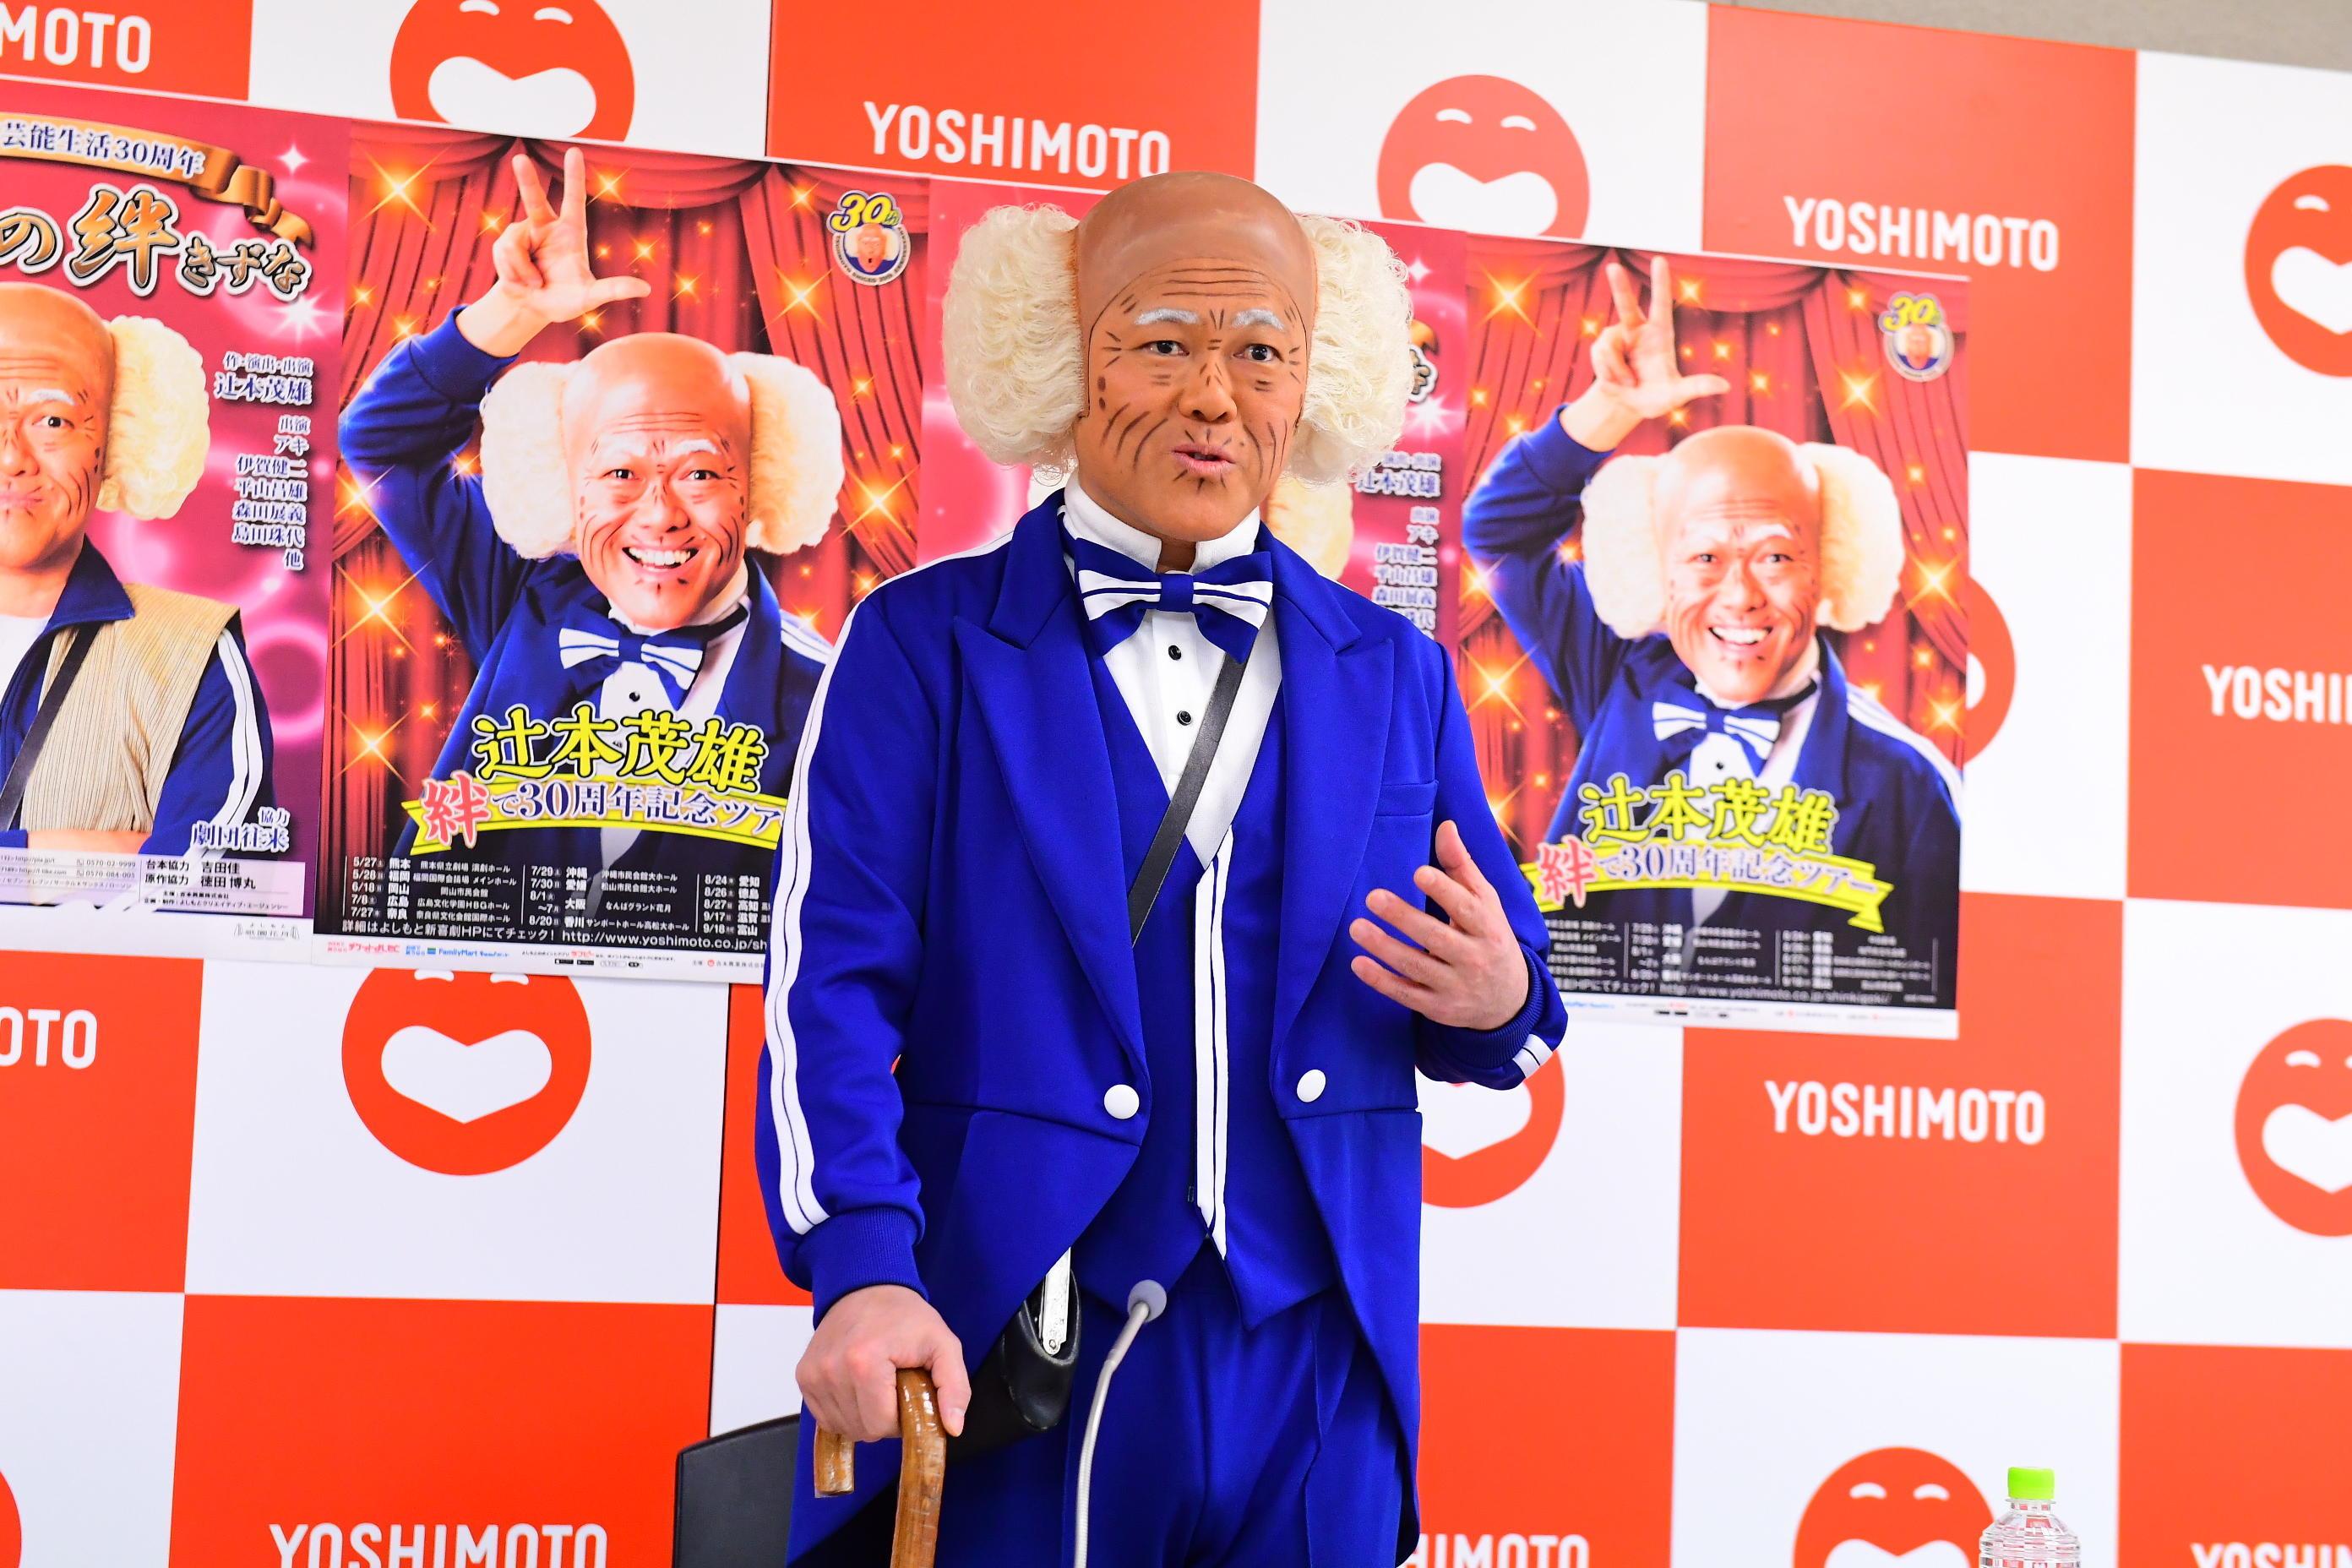 http://news.yoshimoto.co.jp/20170131182011-030d33cea4d180b174df58c2d3be4314f673f806.jpg